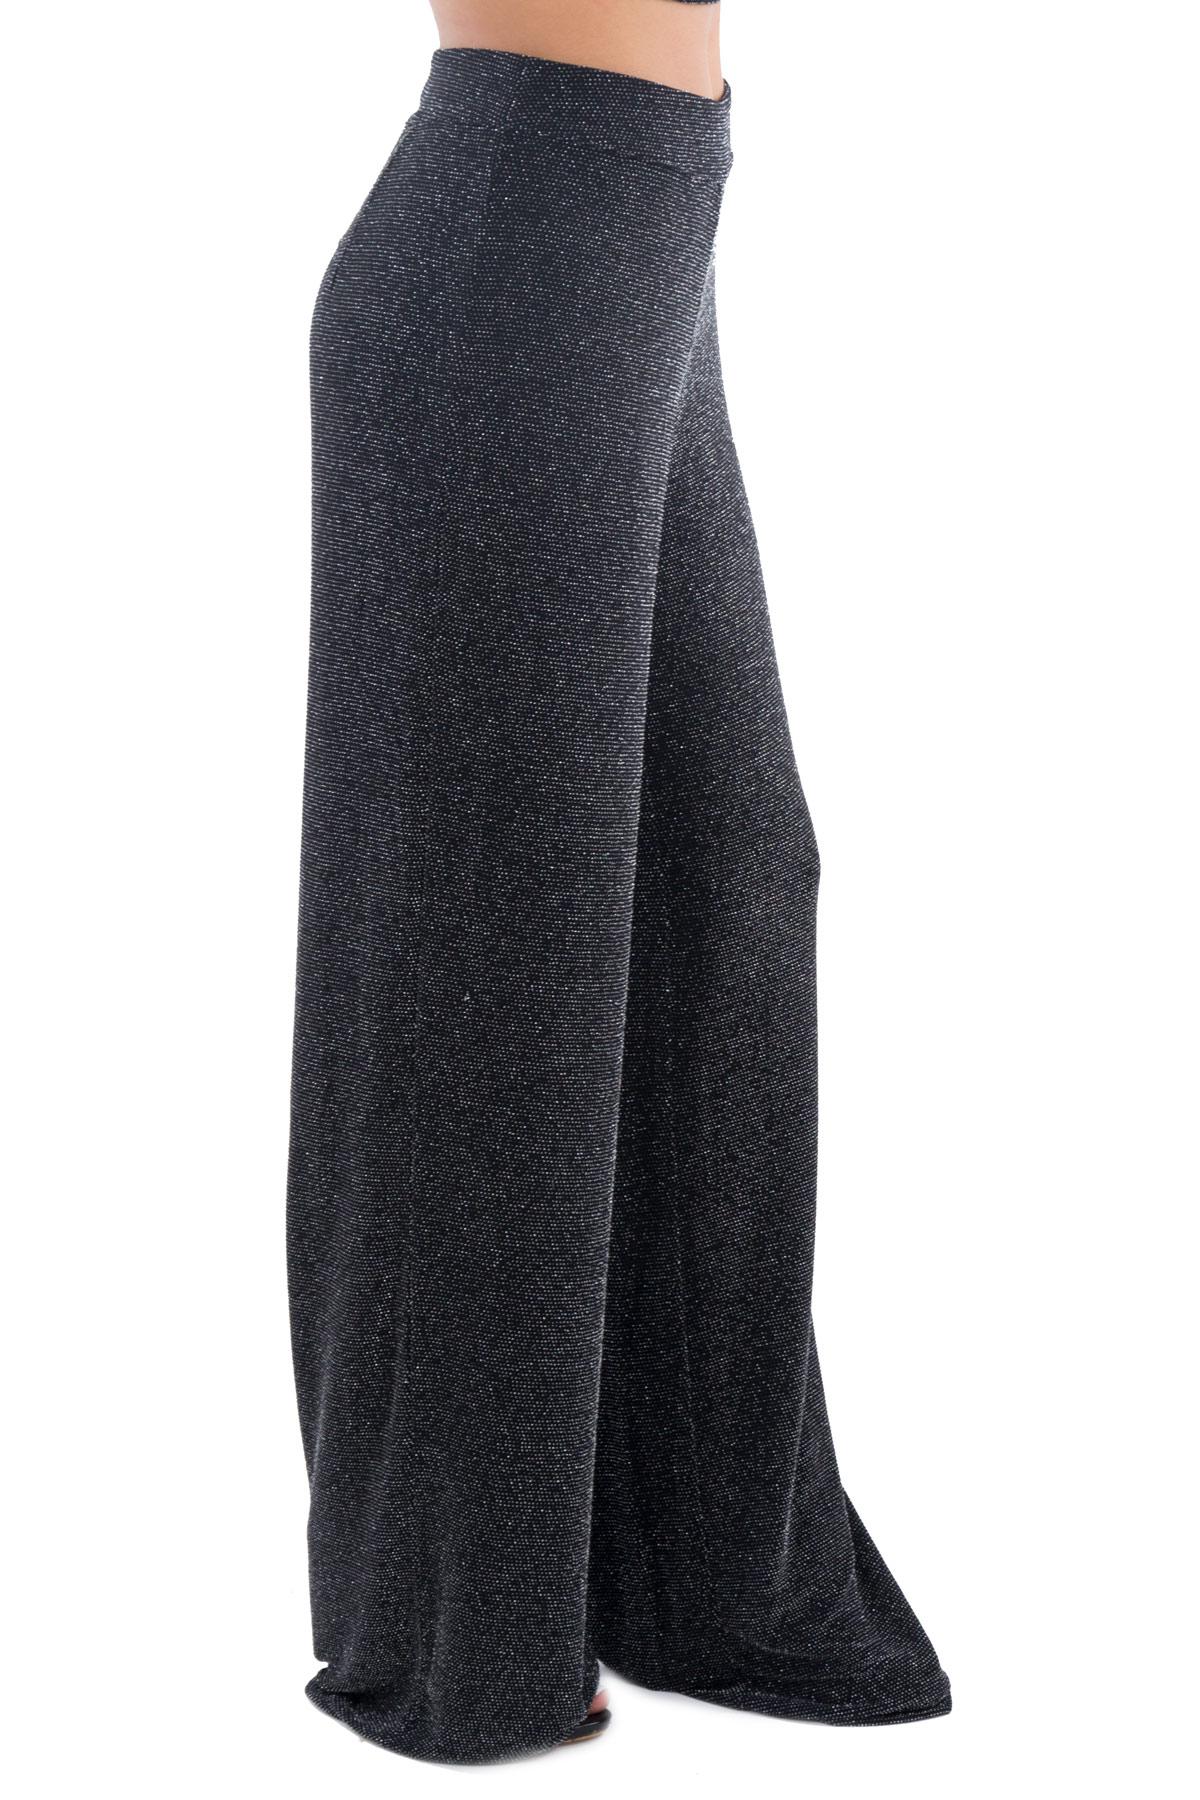 Guess Lurex Pantalone Mariposastore Palazzo La E4nwaq 486a63716ef